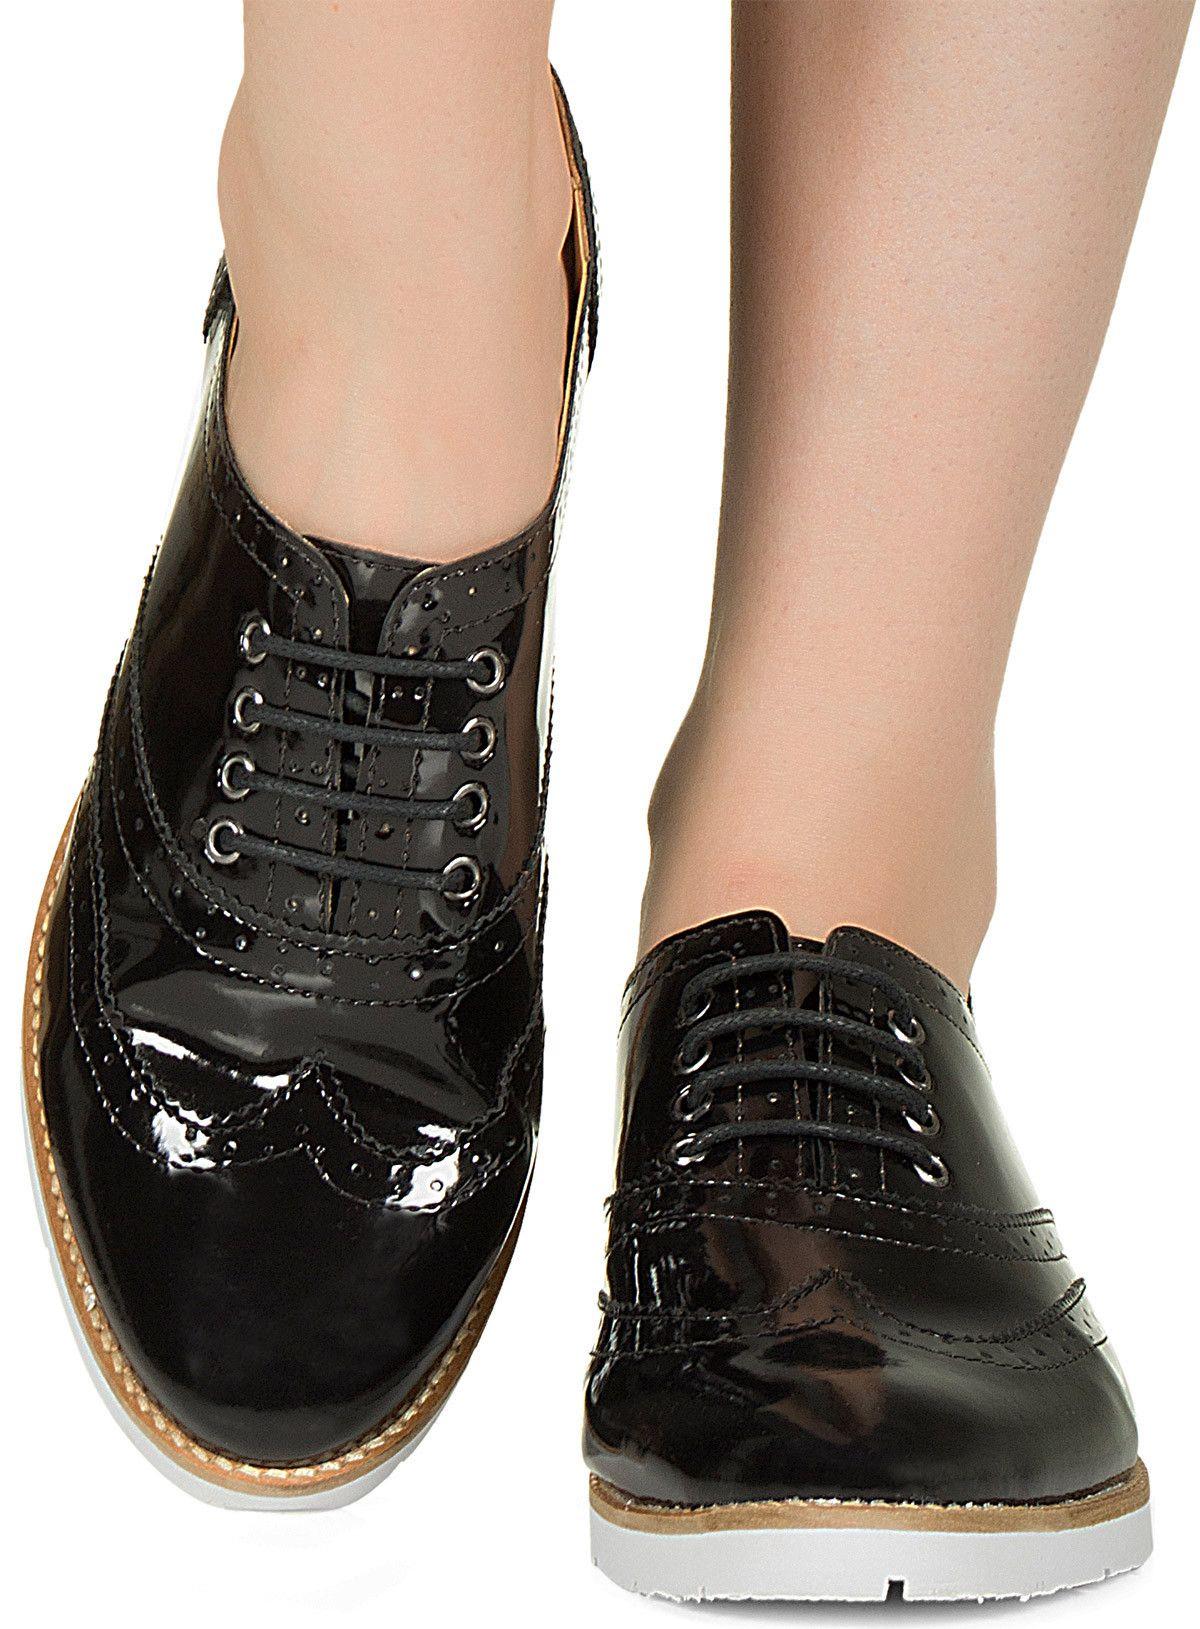 31795bbf3e Sapato oxford preto verniz Taquilla - Taquilla - Loja online de sapatos  femininos